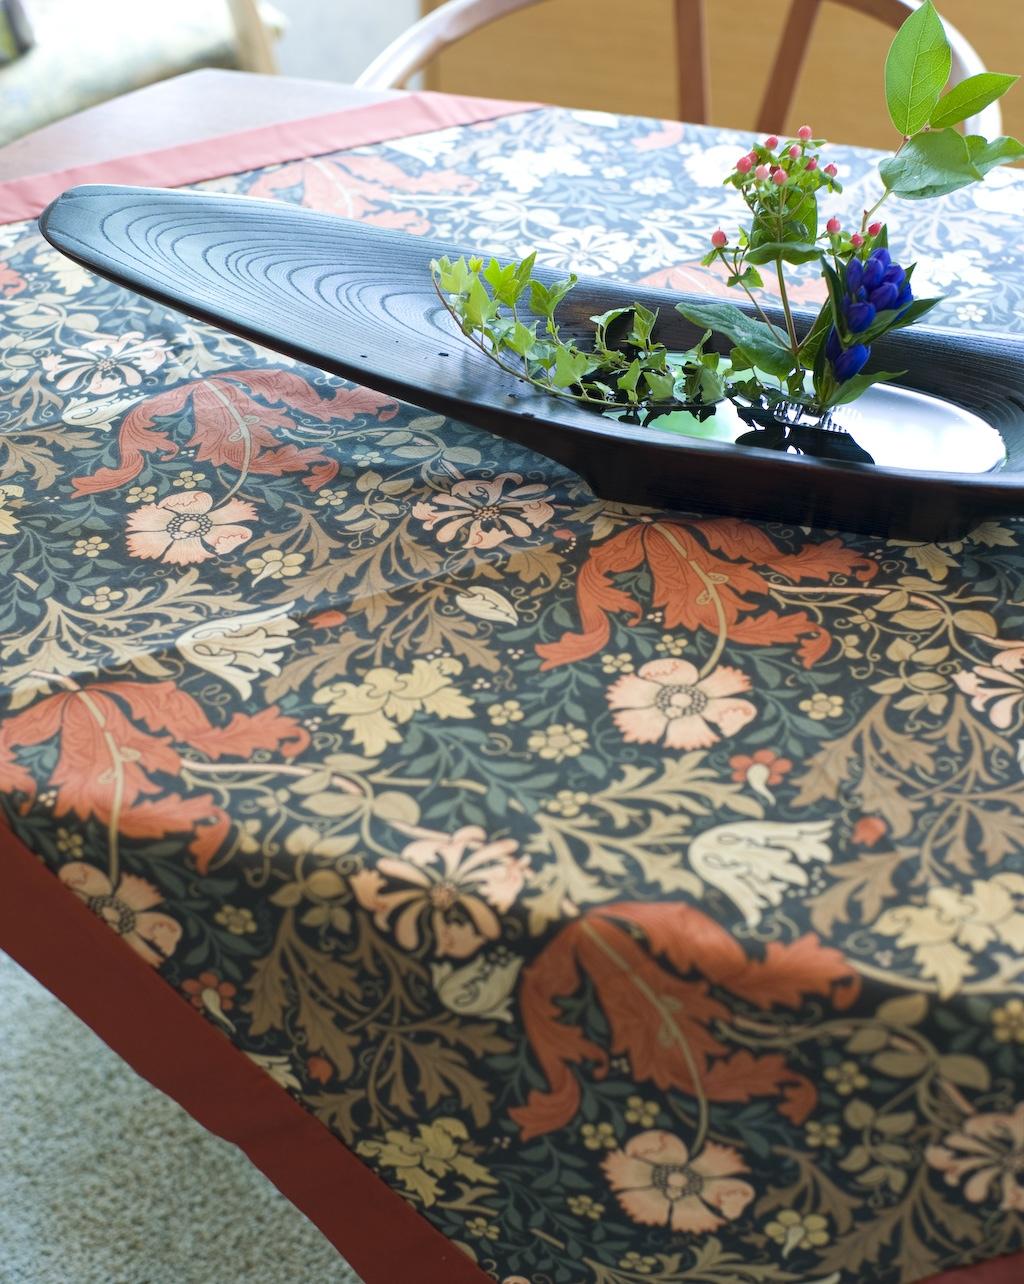 モリスの生地でテーブルクロスを作りました。_c0157866_20392689.jpg